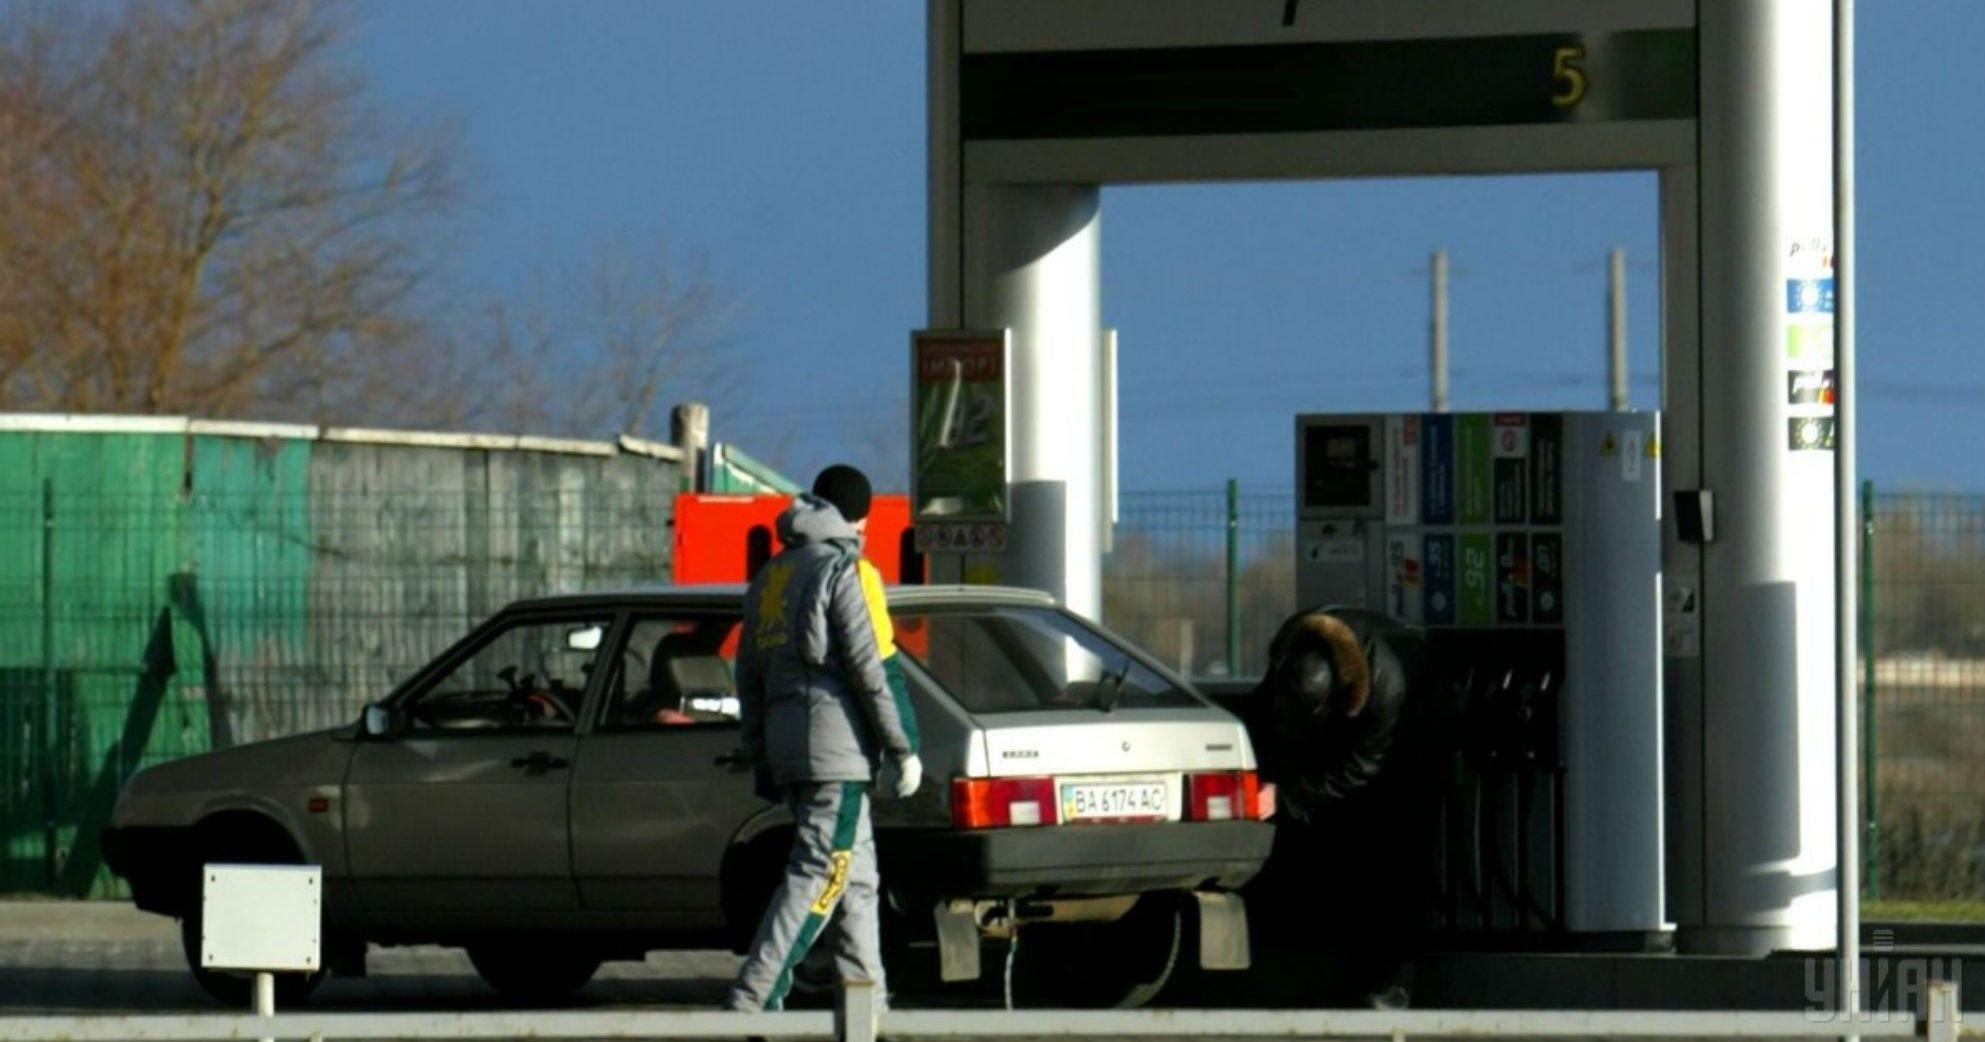 Скільки коштує заправити авто на АЗС. Середні ціни на вівторок